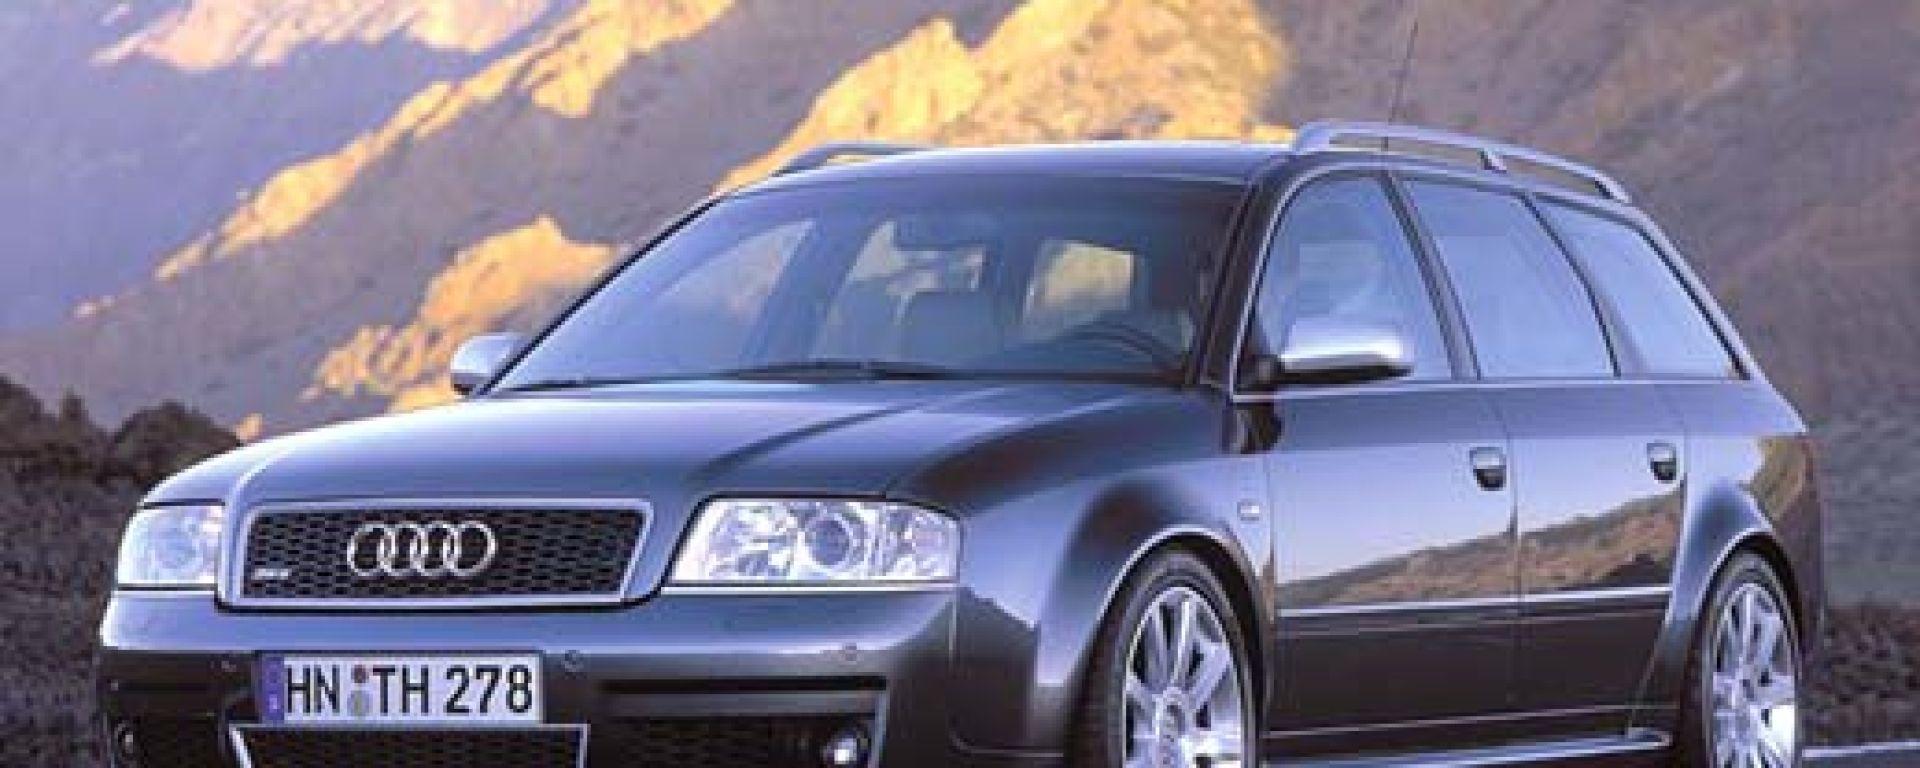 Su strada con l'Audi RS6